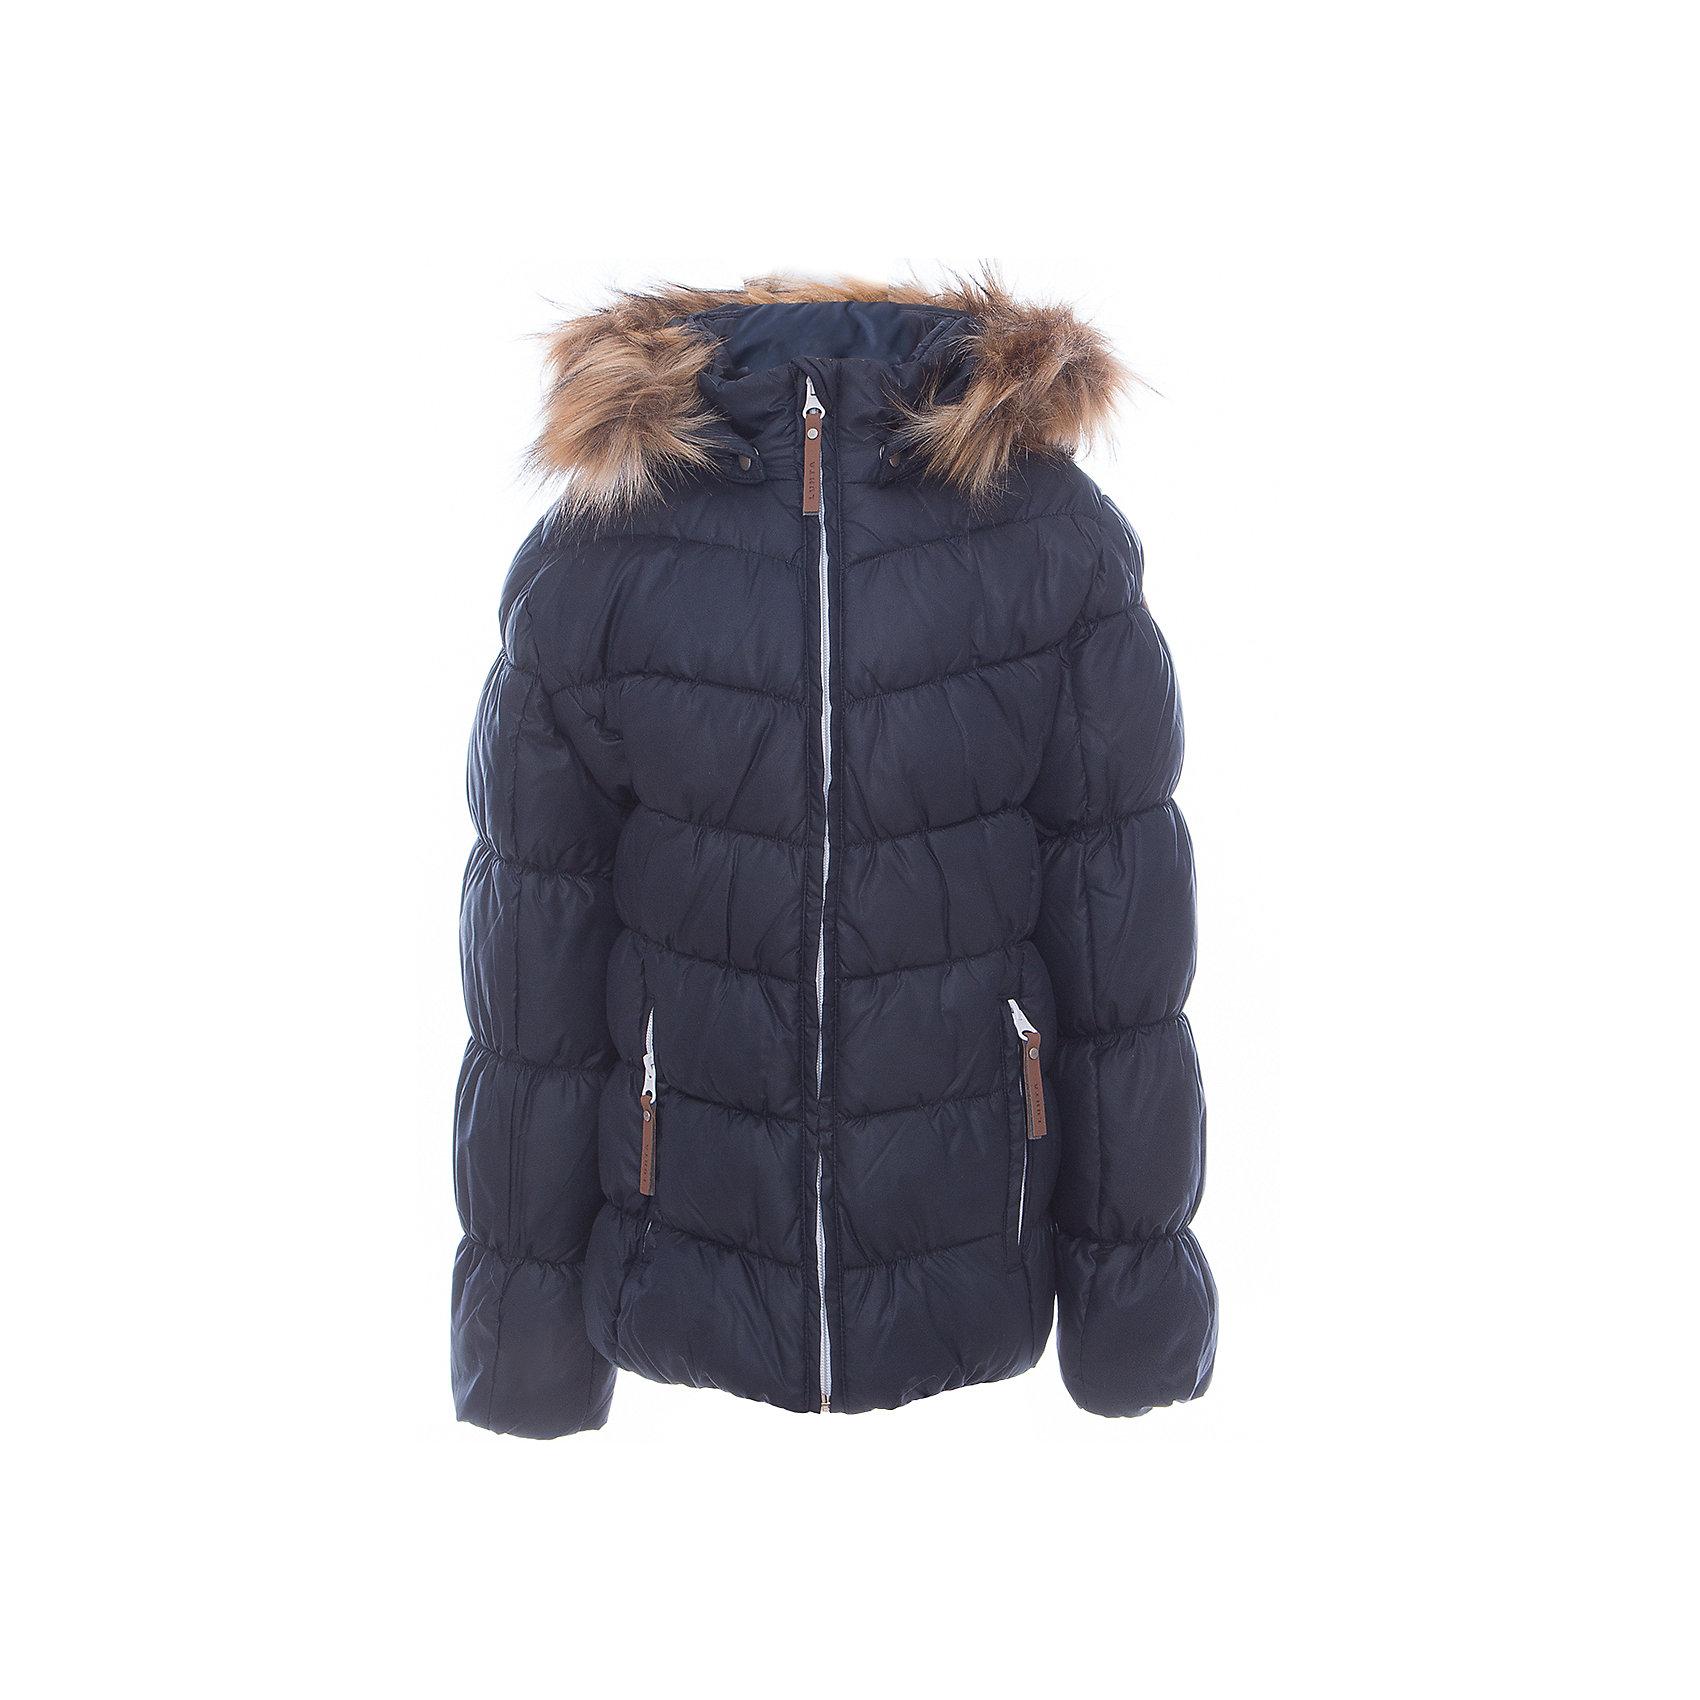 Куртка для девочки LuhtaОдежда<br>Куртка для девочки от известного бренда Luhta.<br>Куртка с отстегивающимся капюшоном, искусственный мех, элегантный силуэт, декоративная прострочка, боковые карманы на молнии, утепление 280 гр. Рекомендуемый температурный режим до -30 град. Внутри пальто находится температурный датчик.<br>Технологии: Luhta WATER REPELLENT; Luhta SAFETY; Luhta TEMPERATURE CONTROL; Luhta DOWN MIX; Luhta -30; Reflectors<br>Состав:<br>100% полиэстер<br><br>Ширина мм: 356<br>Глубина мм: 10<br>Высота мм: 245<br>Вес г: 519<br>Цвет: синий<br>Возраст от месяцев: 96<br>Возраст до месяцев: 108<br>Пол: Женский<br>Возраст: Детский<br>Размер: 134,164,158,152,146,140<br>SKU: 5413989